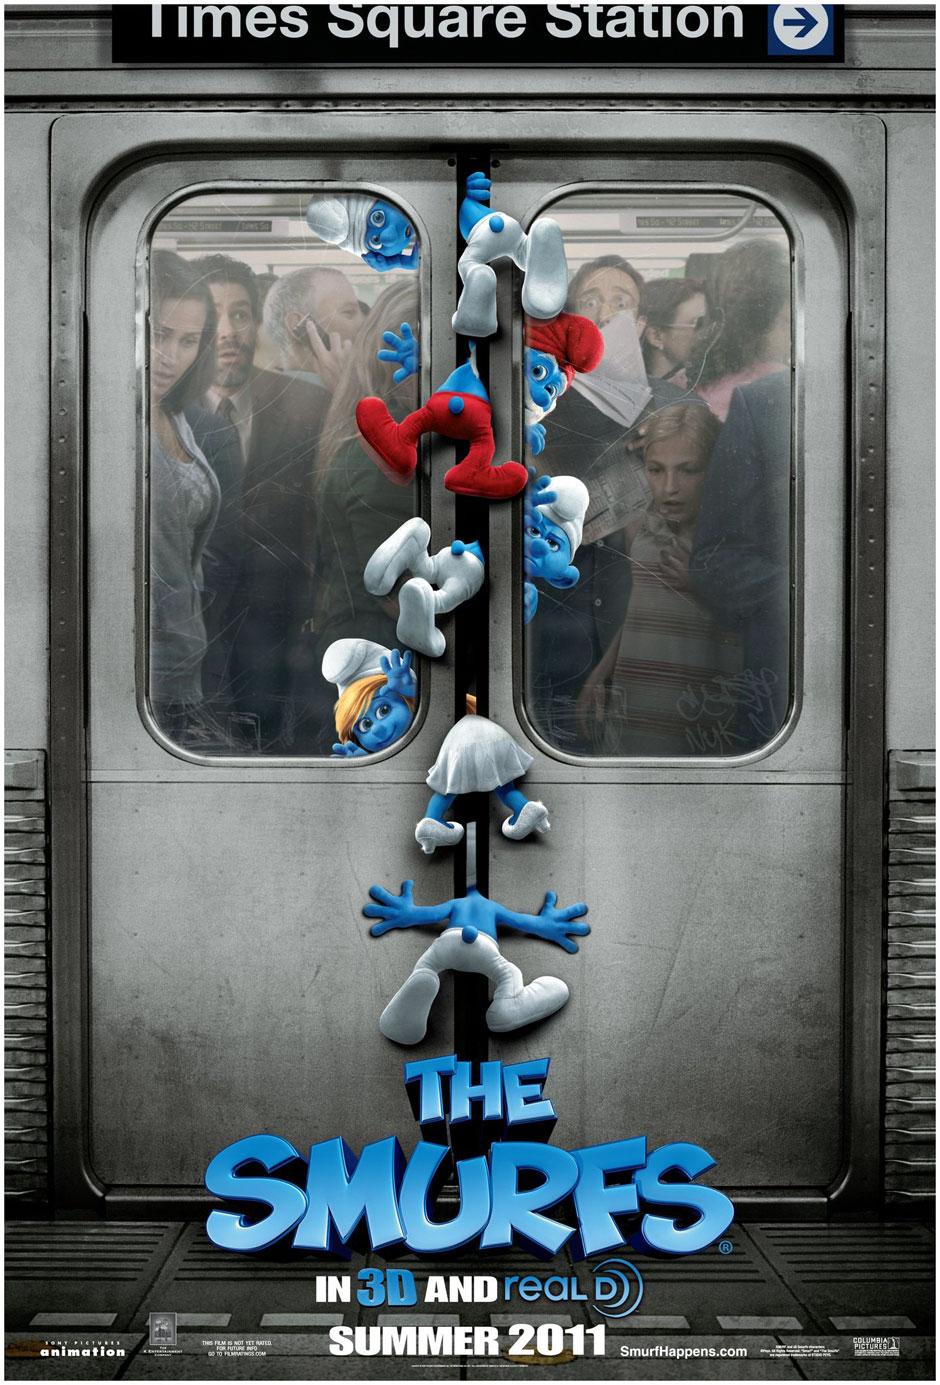 The-Smurfs-poster-1.jpg